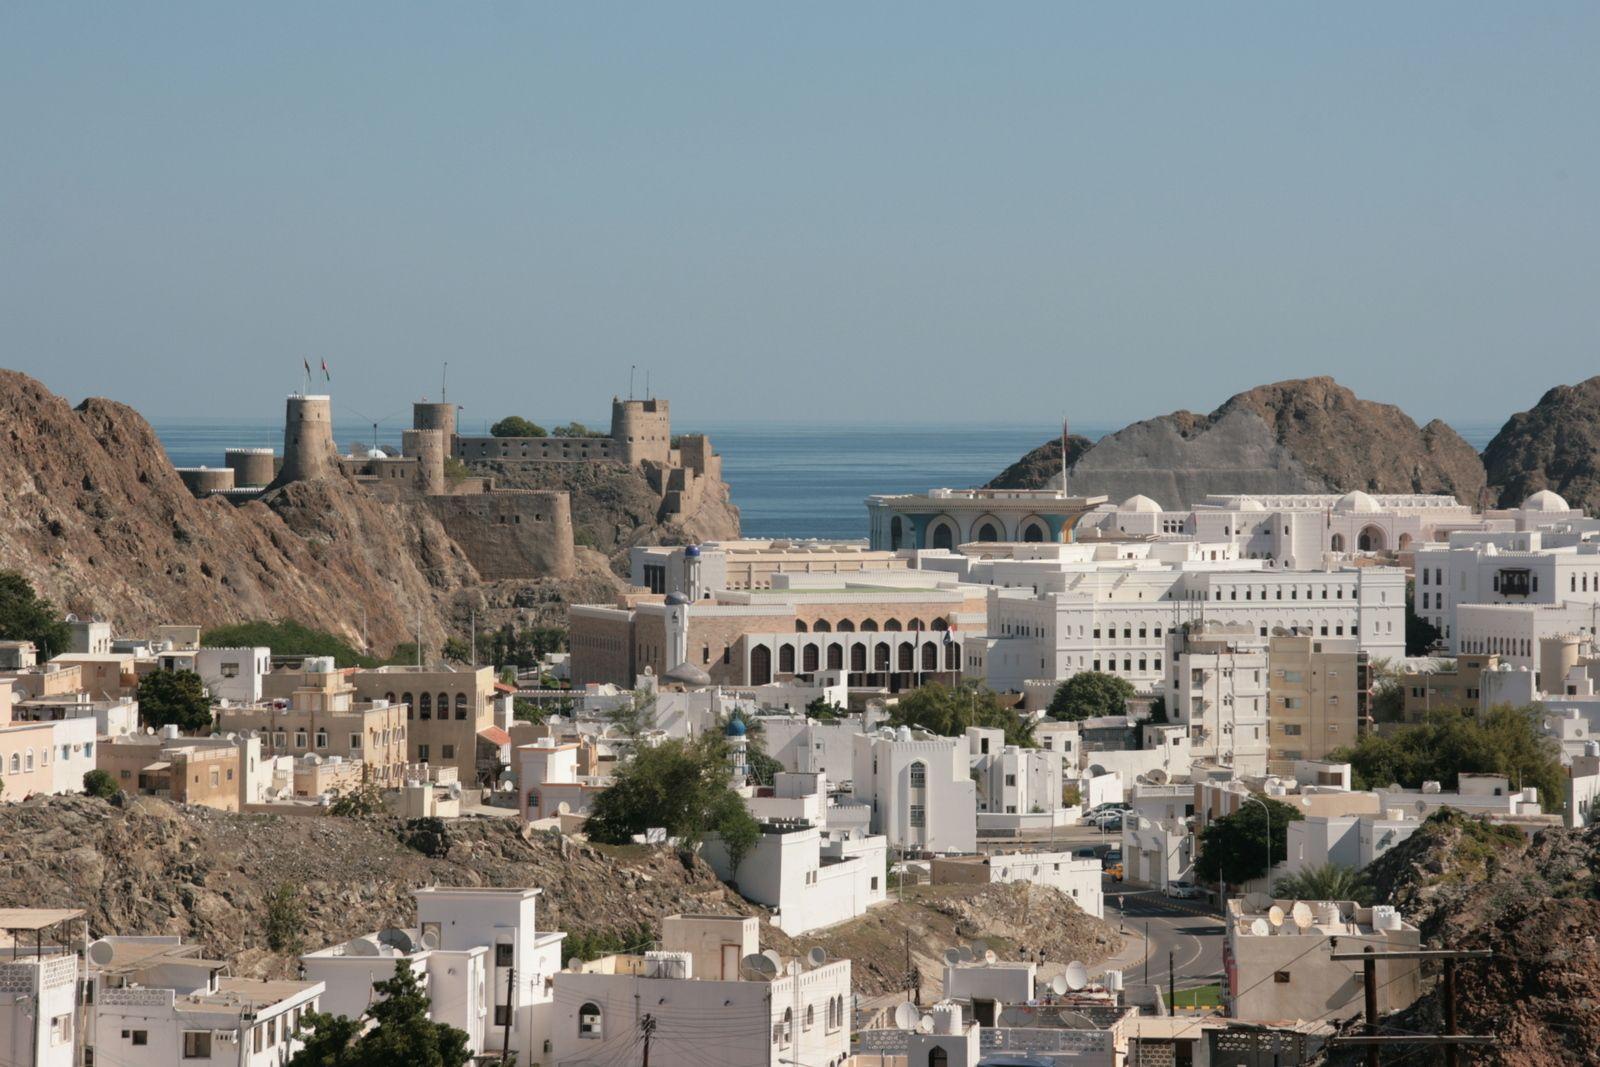 Maszkat Http Tizi Hu Uticelok Kelet Oman Ebben Az Evszazados Gazdag Tortenelmu Es Kulturaju Orszag Sokfele Elmenyt Kinal A Turistaknak Osi Varosok Palotak